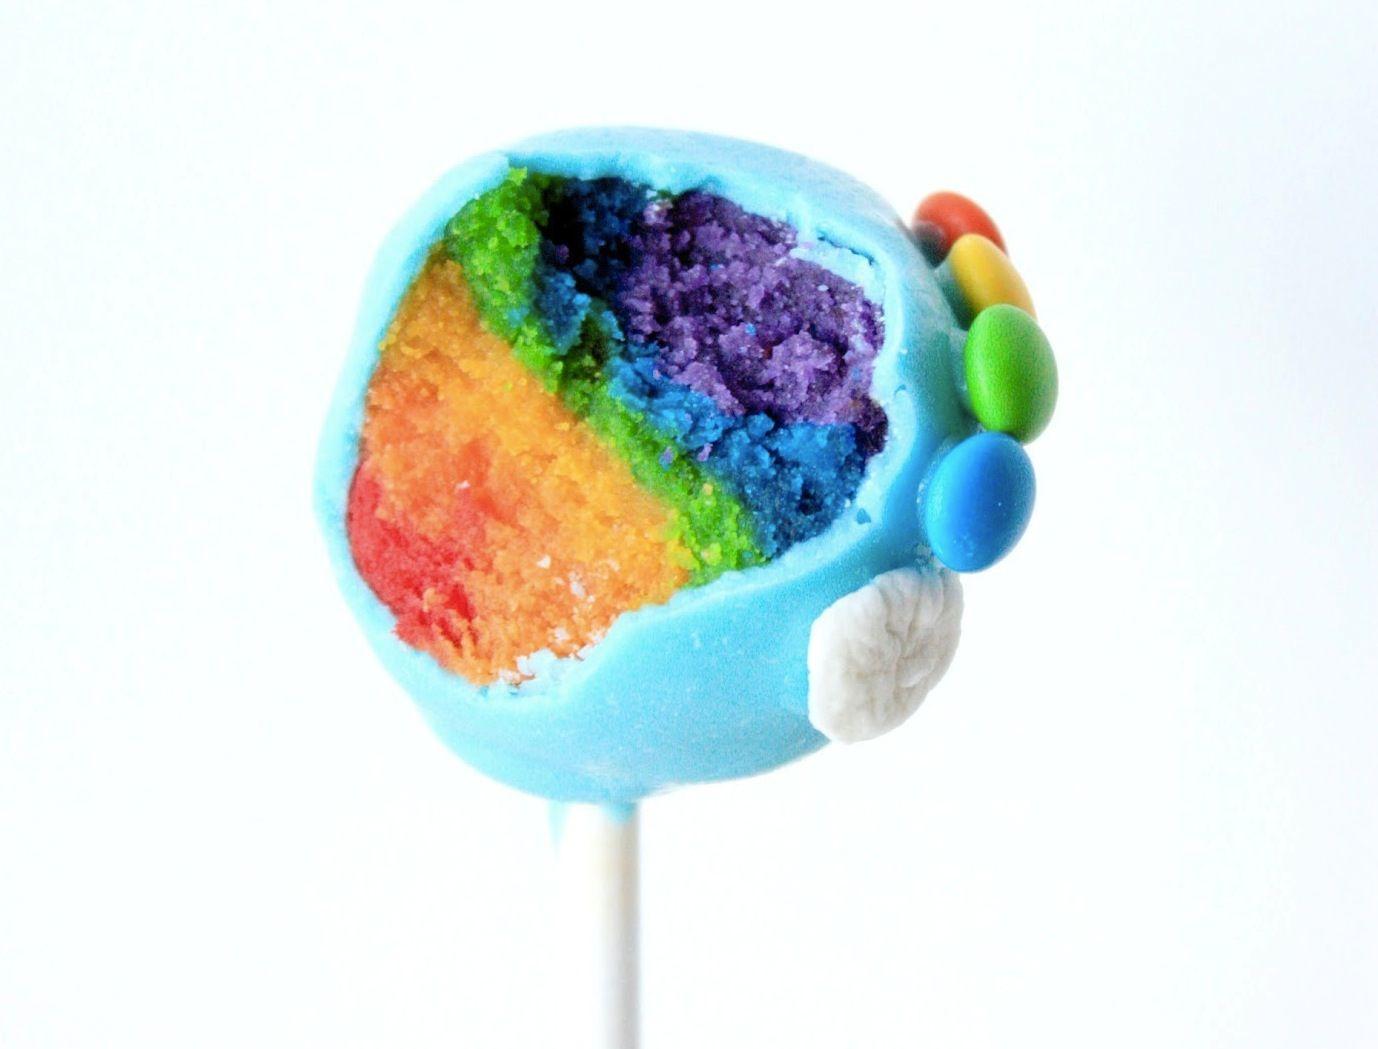 Rainbow cake pops are a technicolor treat in 2020